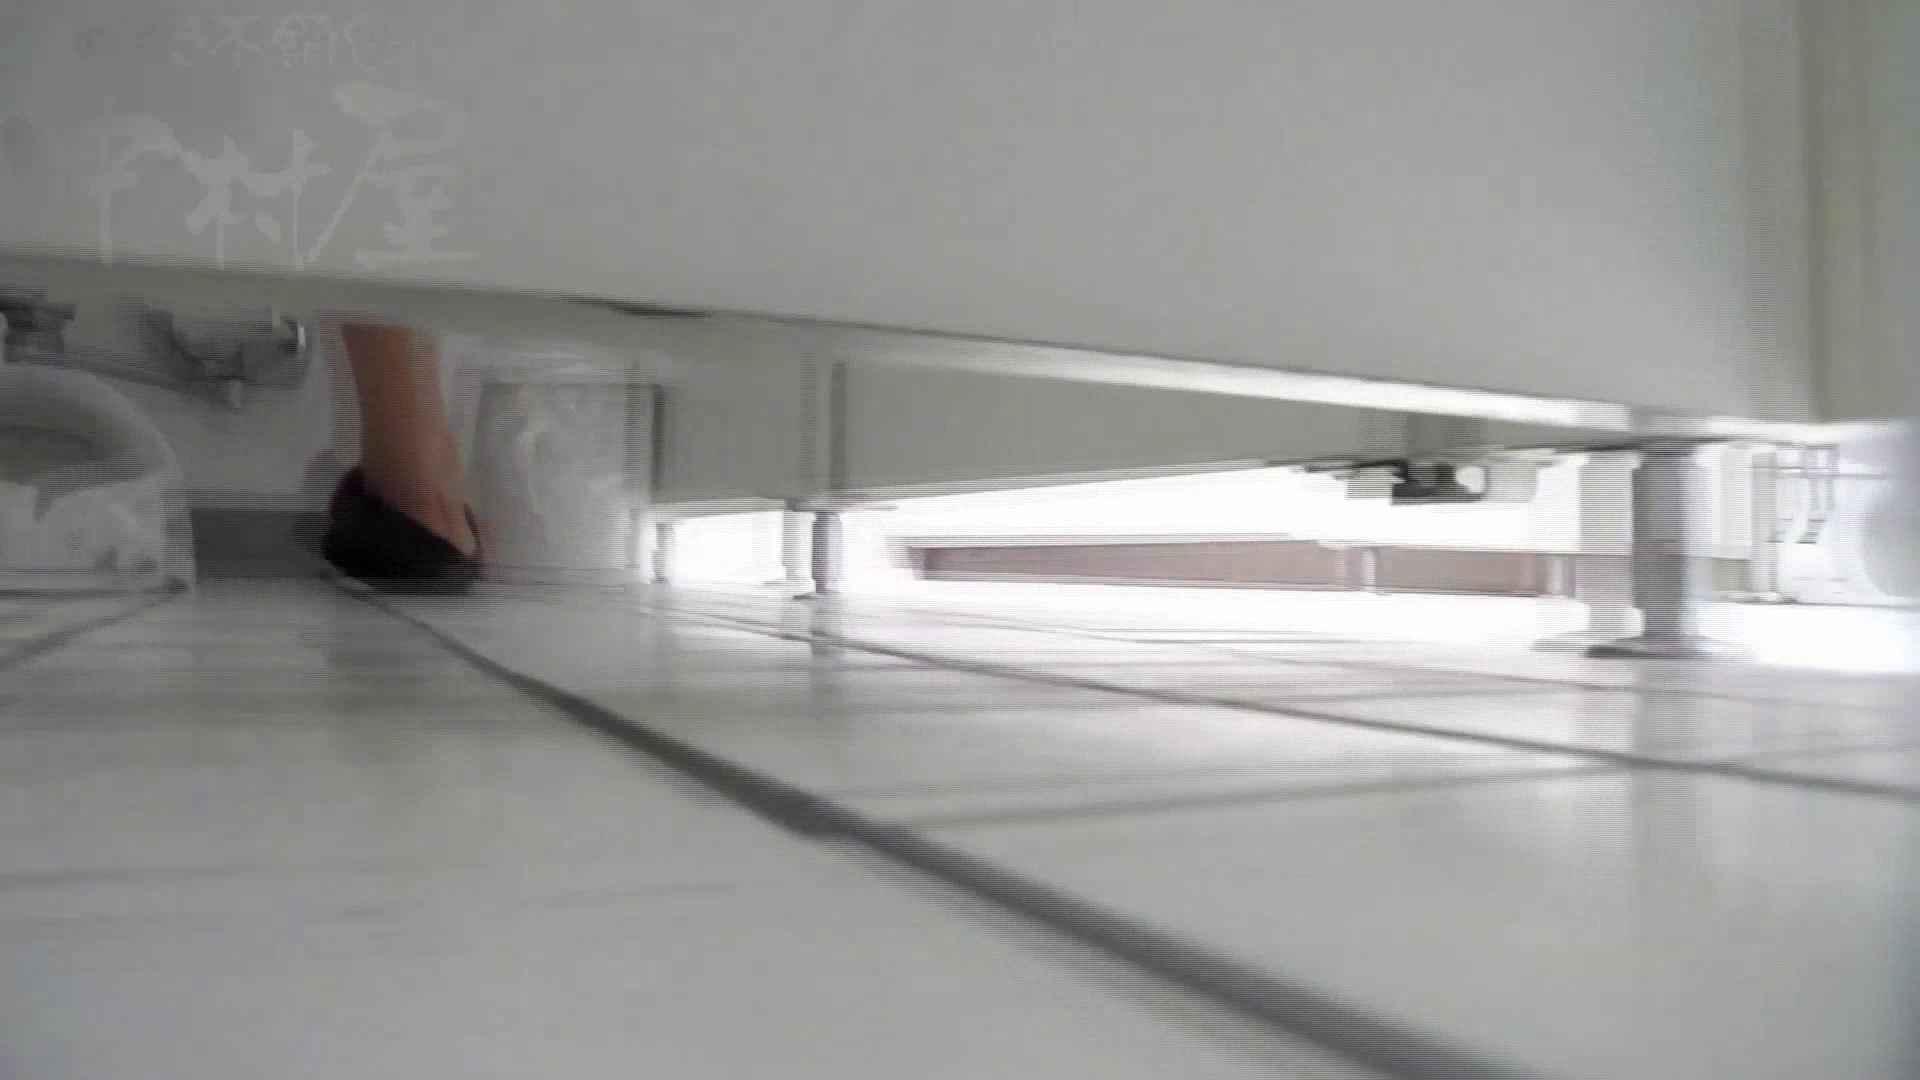 美しい日本の未来 No.22 未来進歩3 感動レベル予告のモデルつい登場か!! 排泄 女性器鑑賞 60連発 17